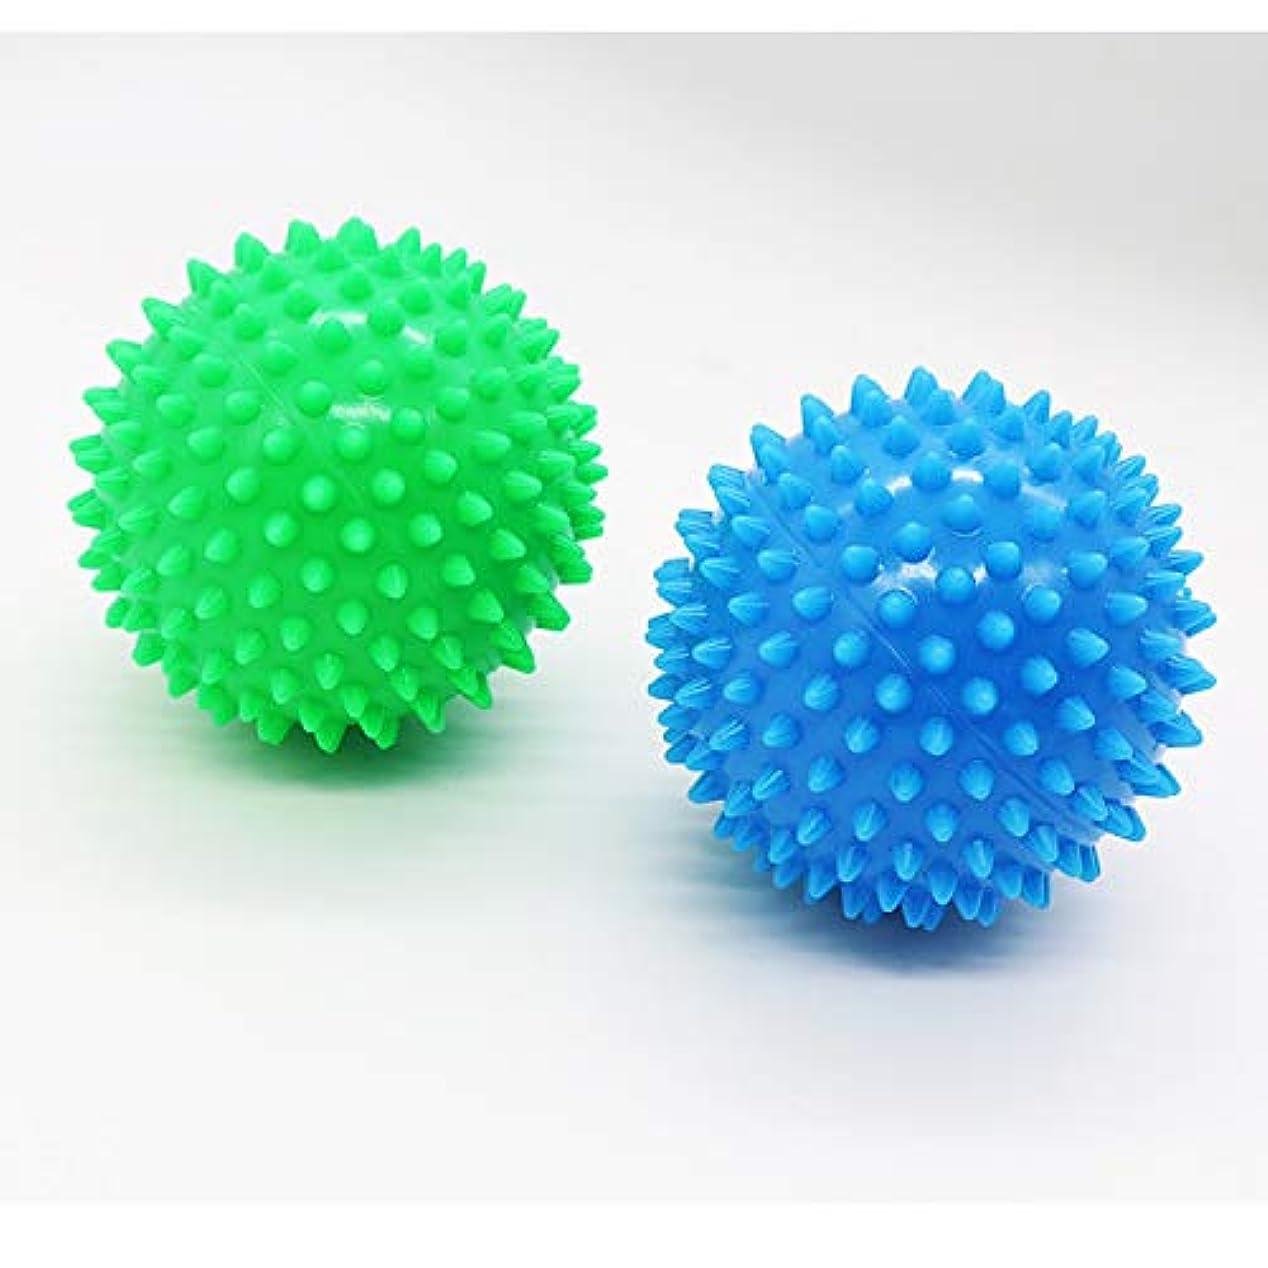 絶え間ない抑圧外出Dreecy マッサージボール(2個セット)触覚ボール リフレックスボール トレーニングボール  ポイントマッサージ 筋筋膜リリース 筋肉緊張和らげ 血液循環促進 9cm(青+緑)